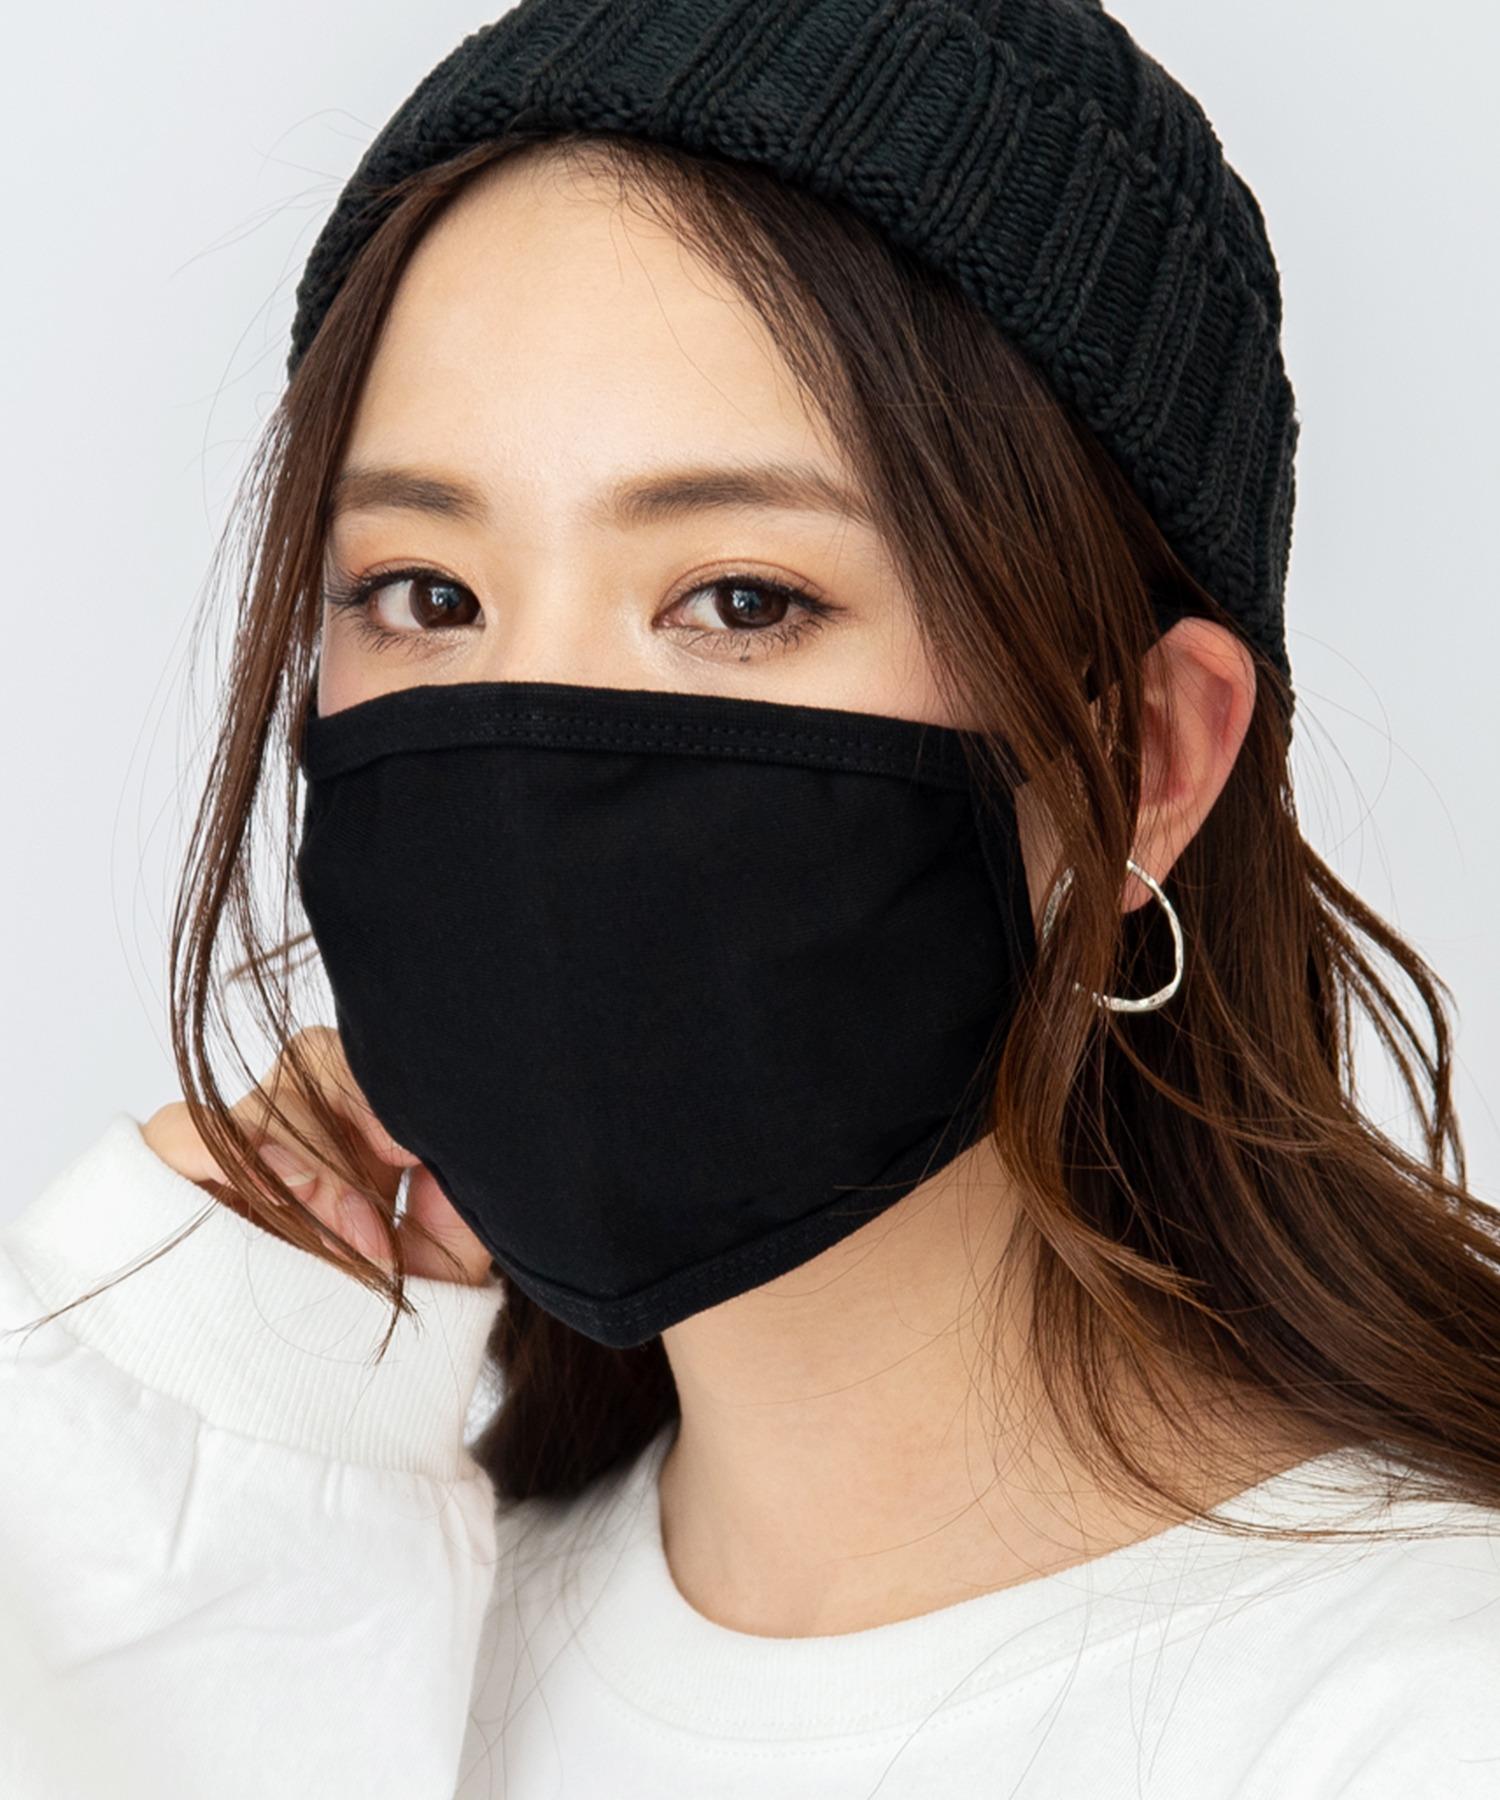 【即納】洗えるマスク 繰り返し洗える水着素材 速乾性夏用マスク<冷感>